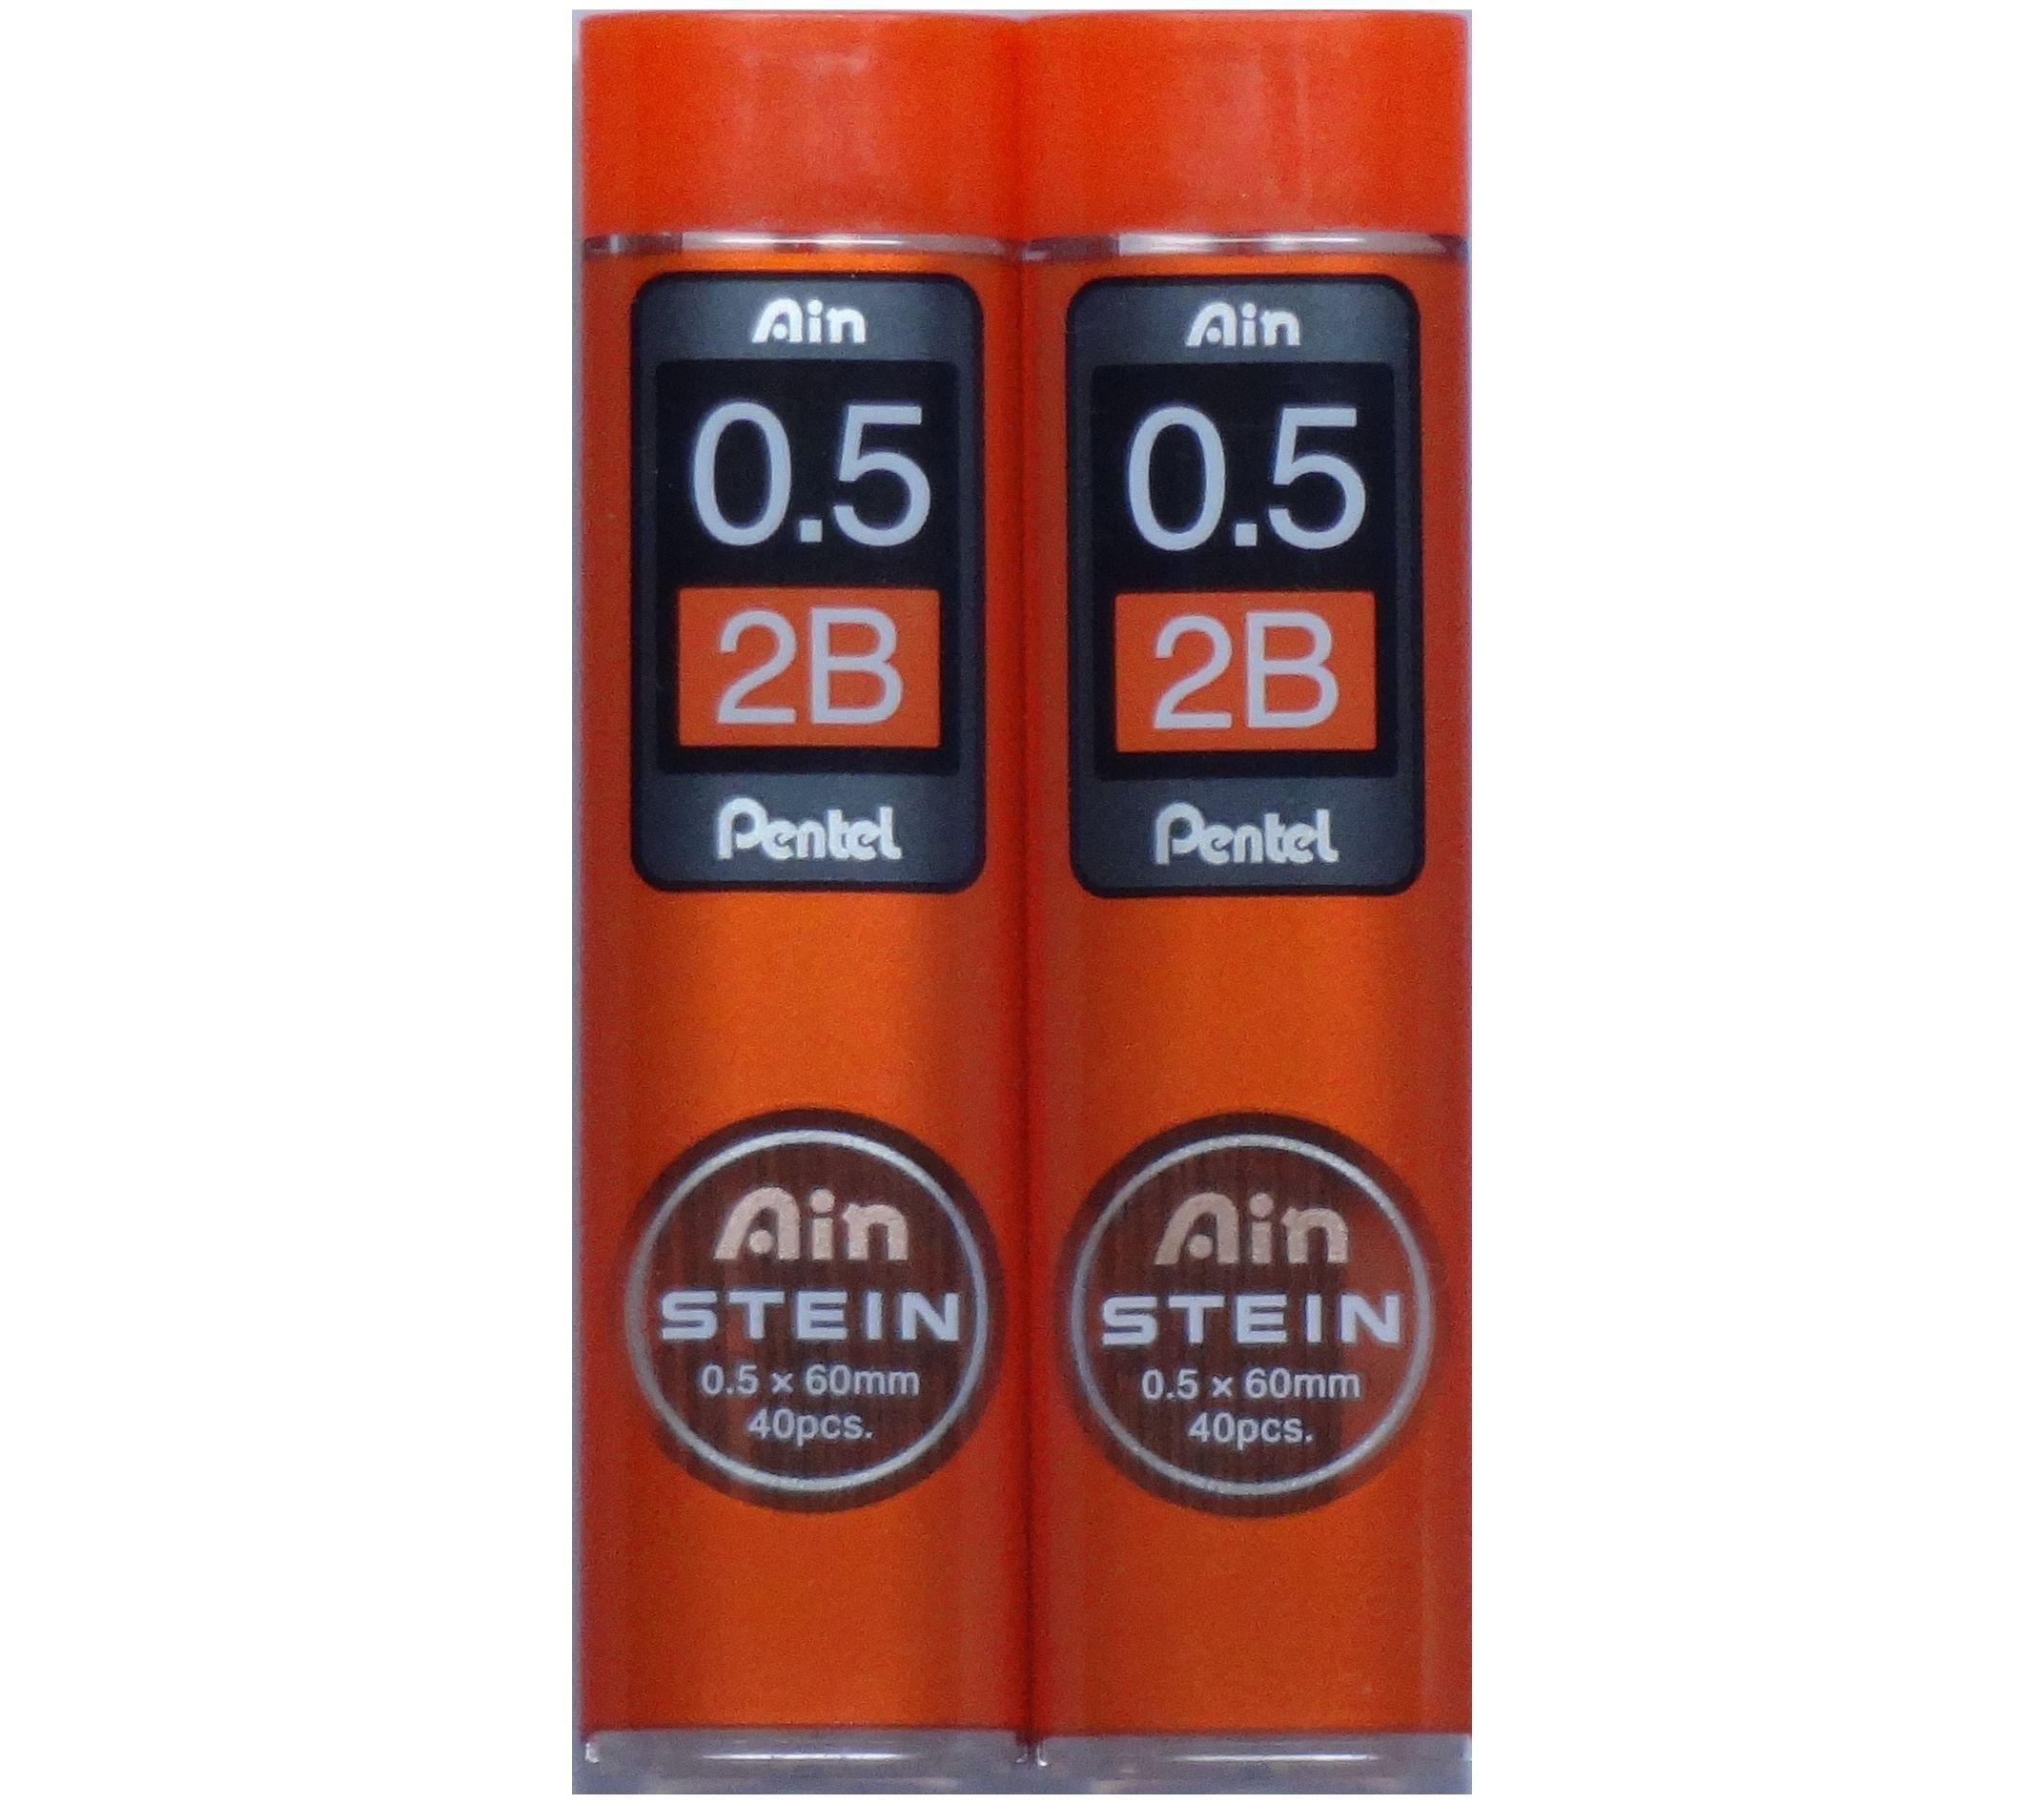 Pentel Ain Stein 80 Minas (2 Tubos) 0.5mm 2B